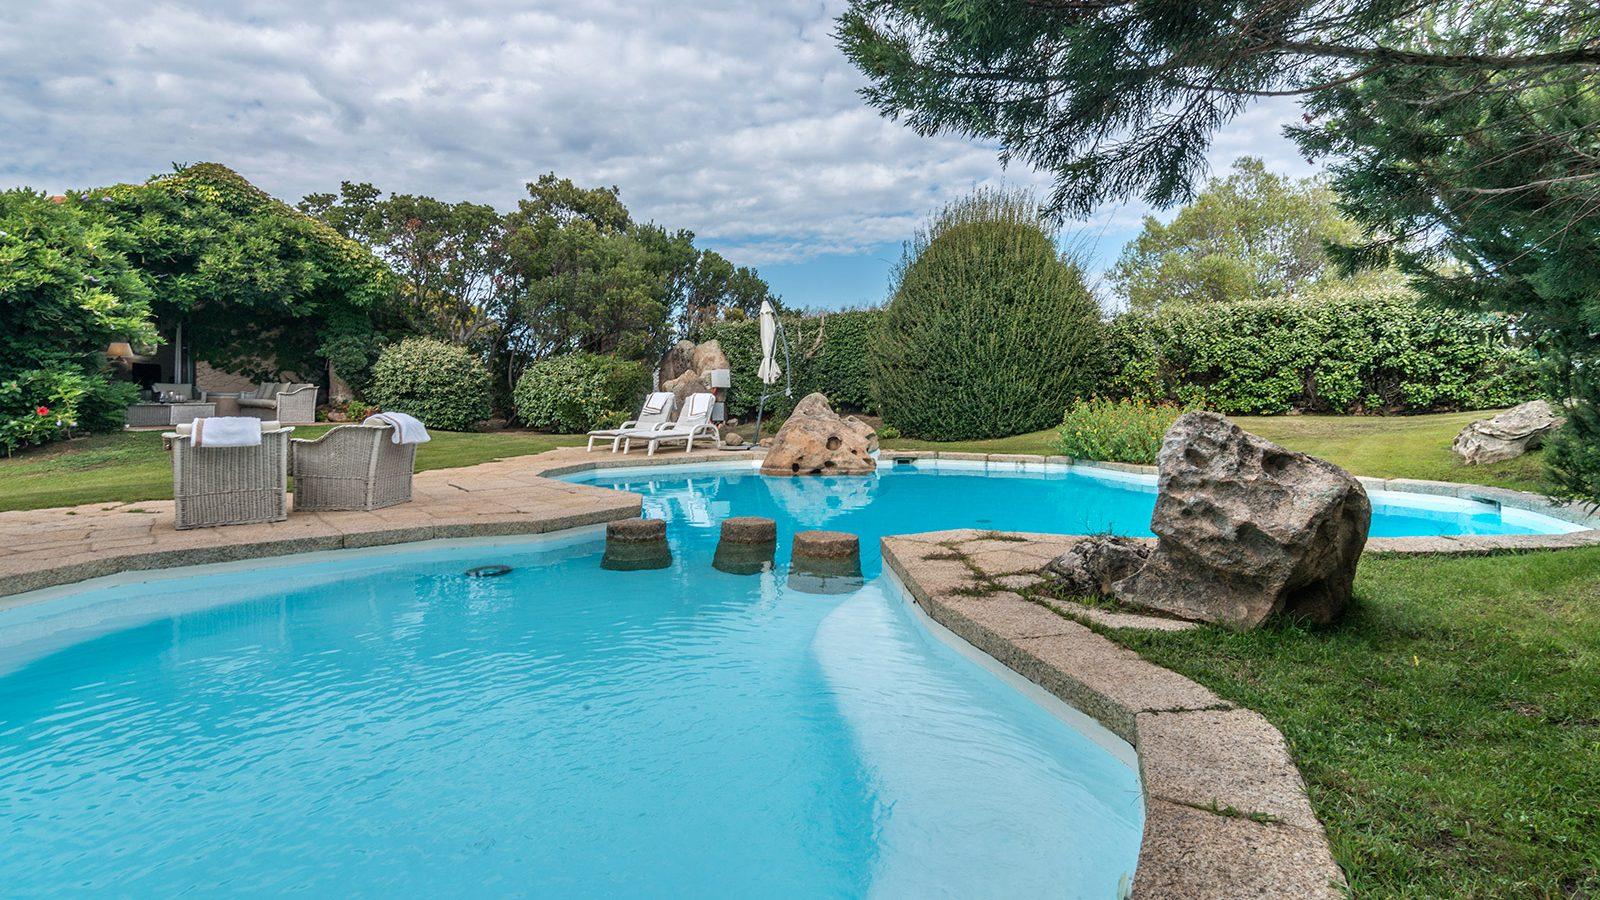 Swimming pool area in Villa Petra Manna